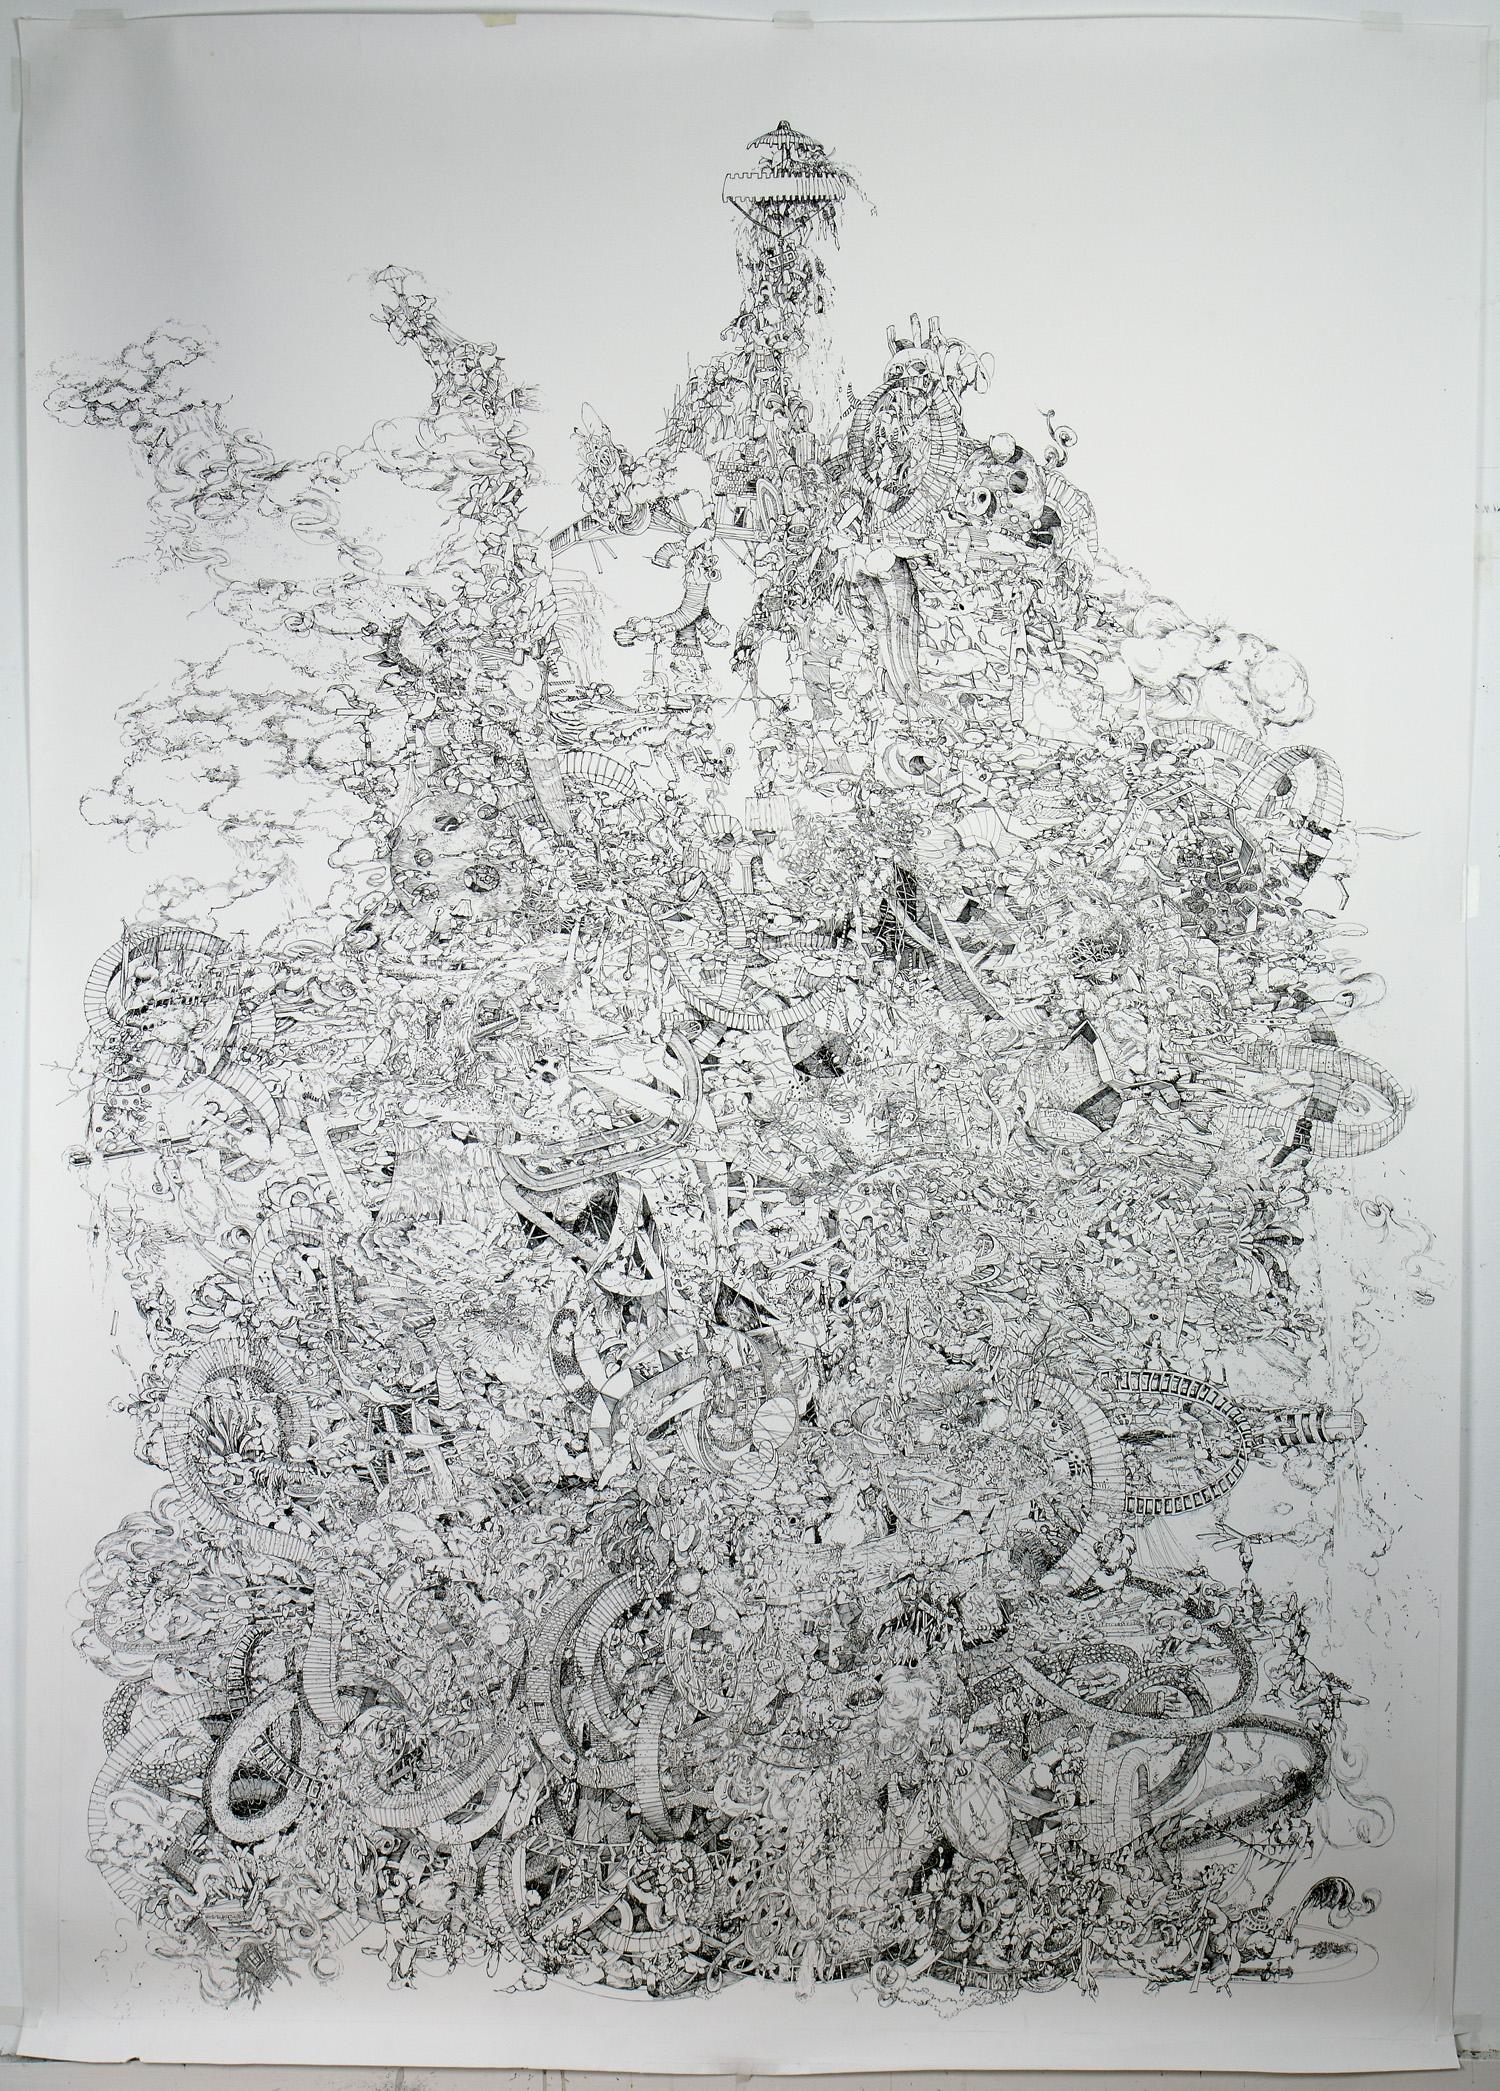 Djen-uh-rey-ter (Plenum VII)   Pen and ink on paper • 4' x 6'